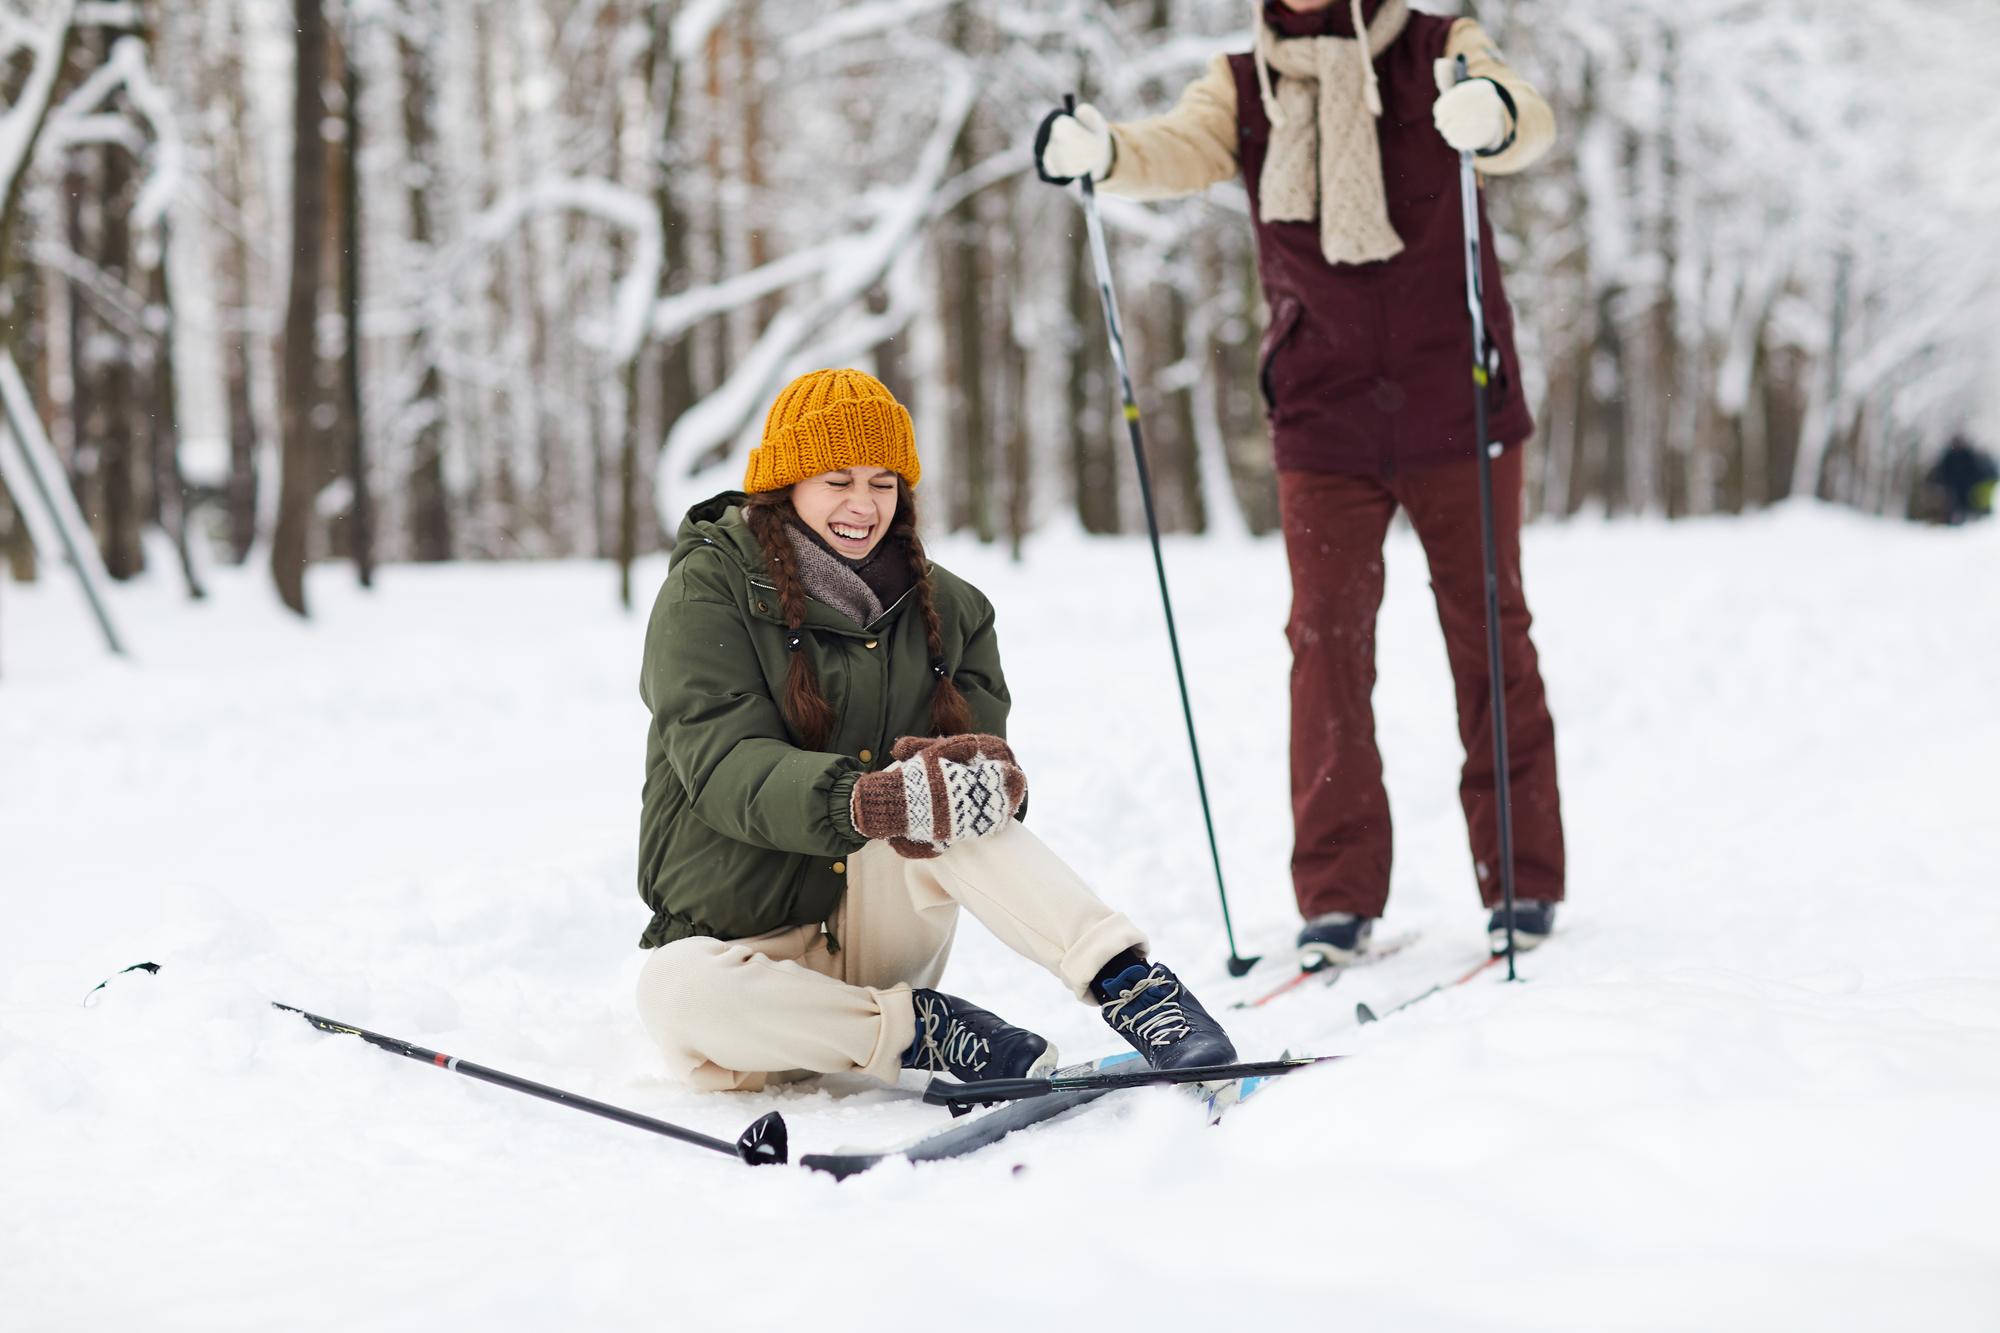 Při poranění kolene při lyžování se rehabilitaci nevyhnete